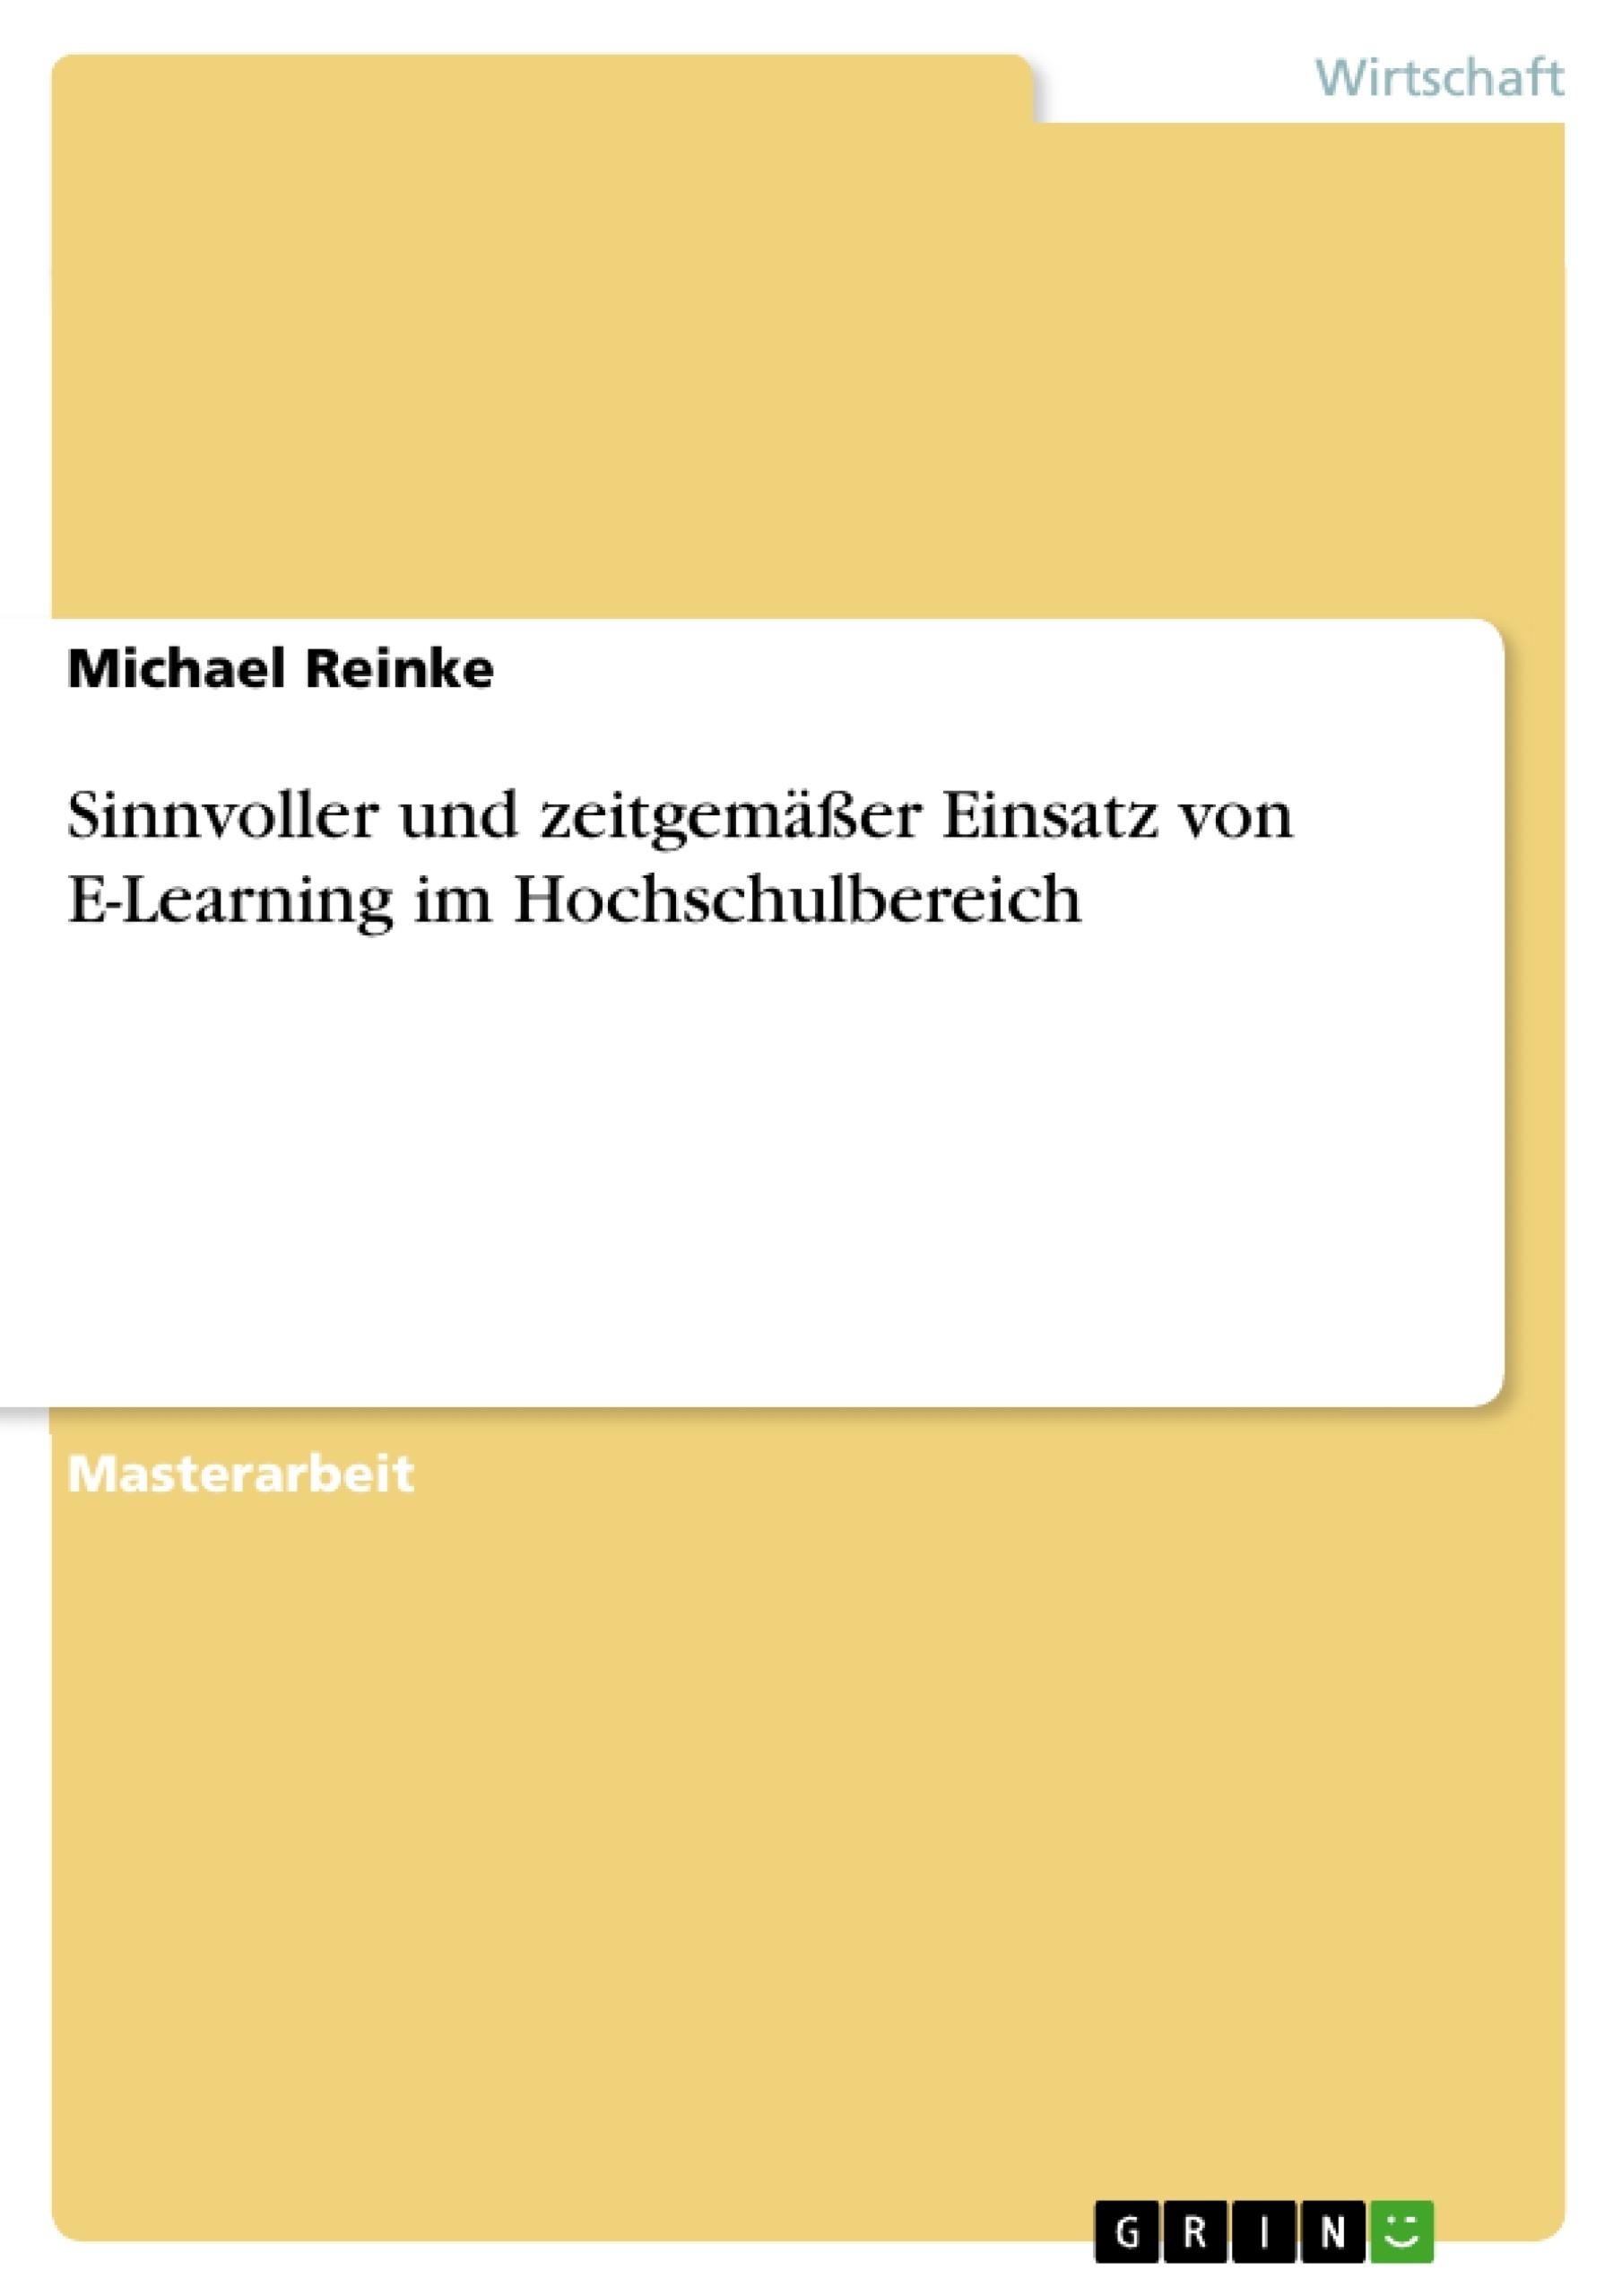 Titel: Sinnvoller und zeitgemäßer Einsatz von E-Learning im  Hochschulbereich